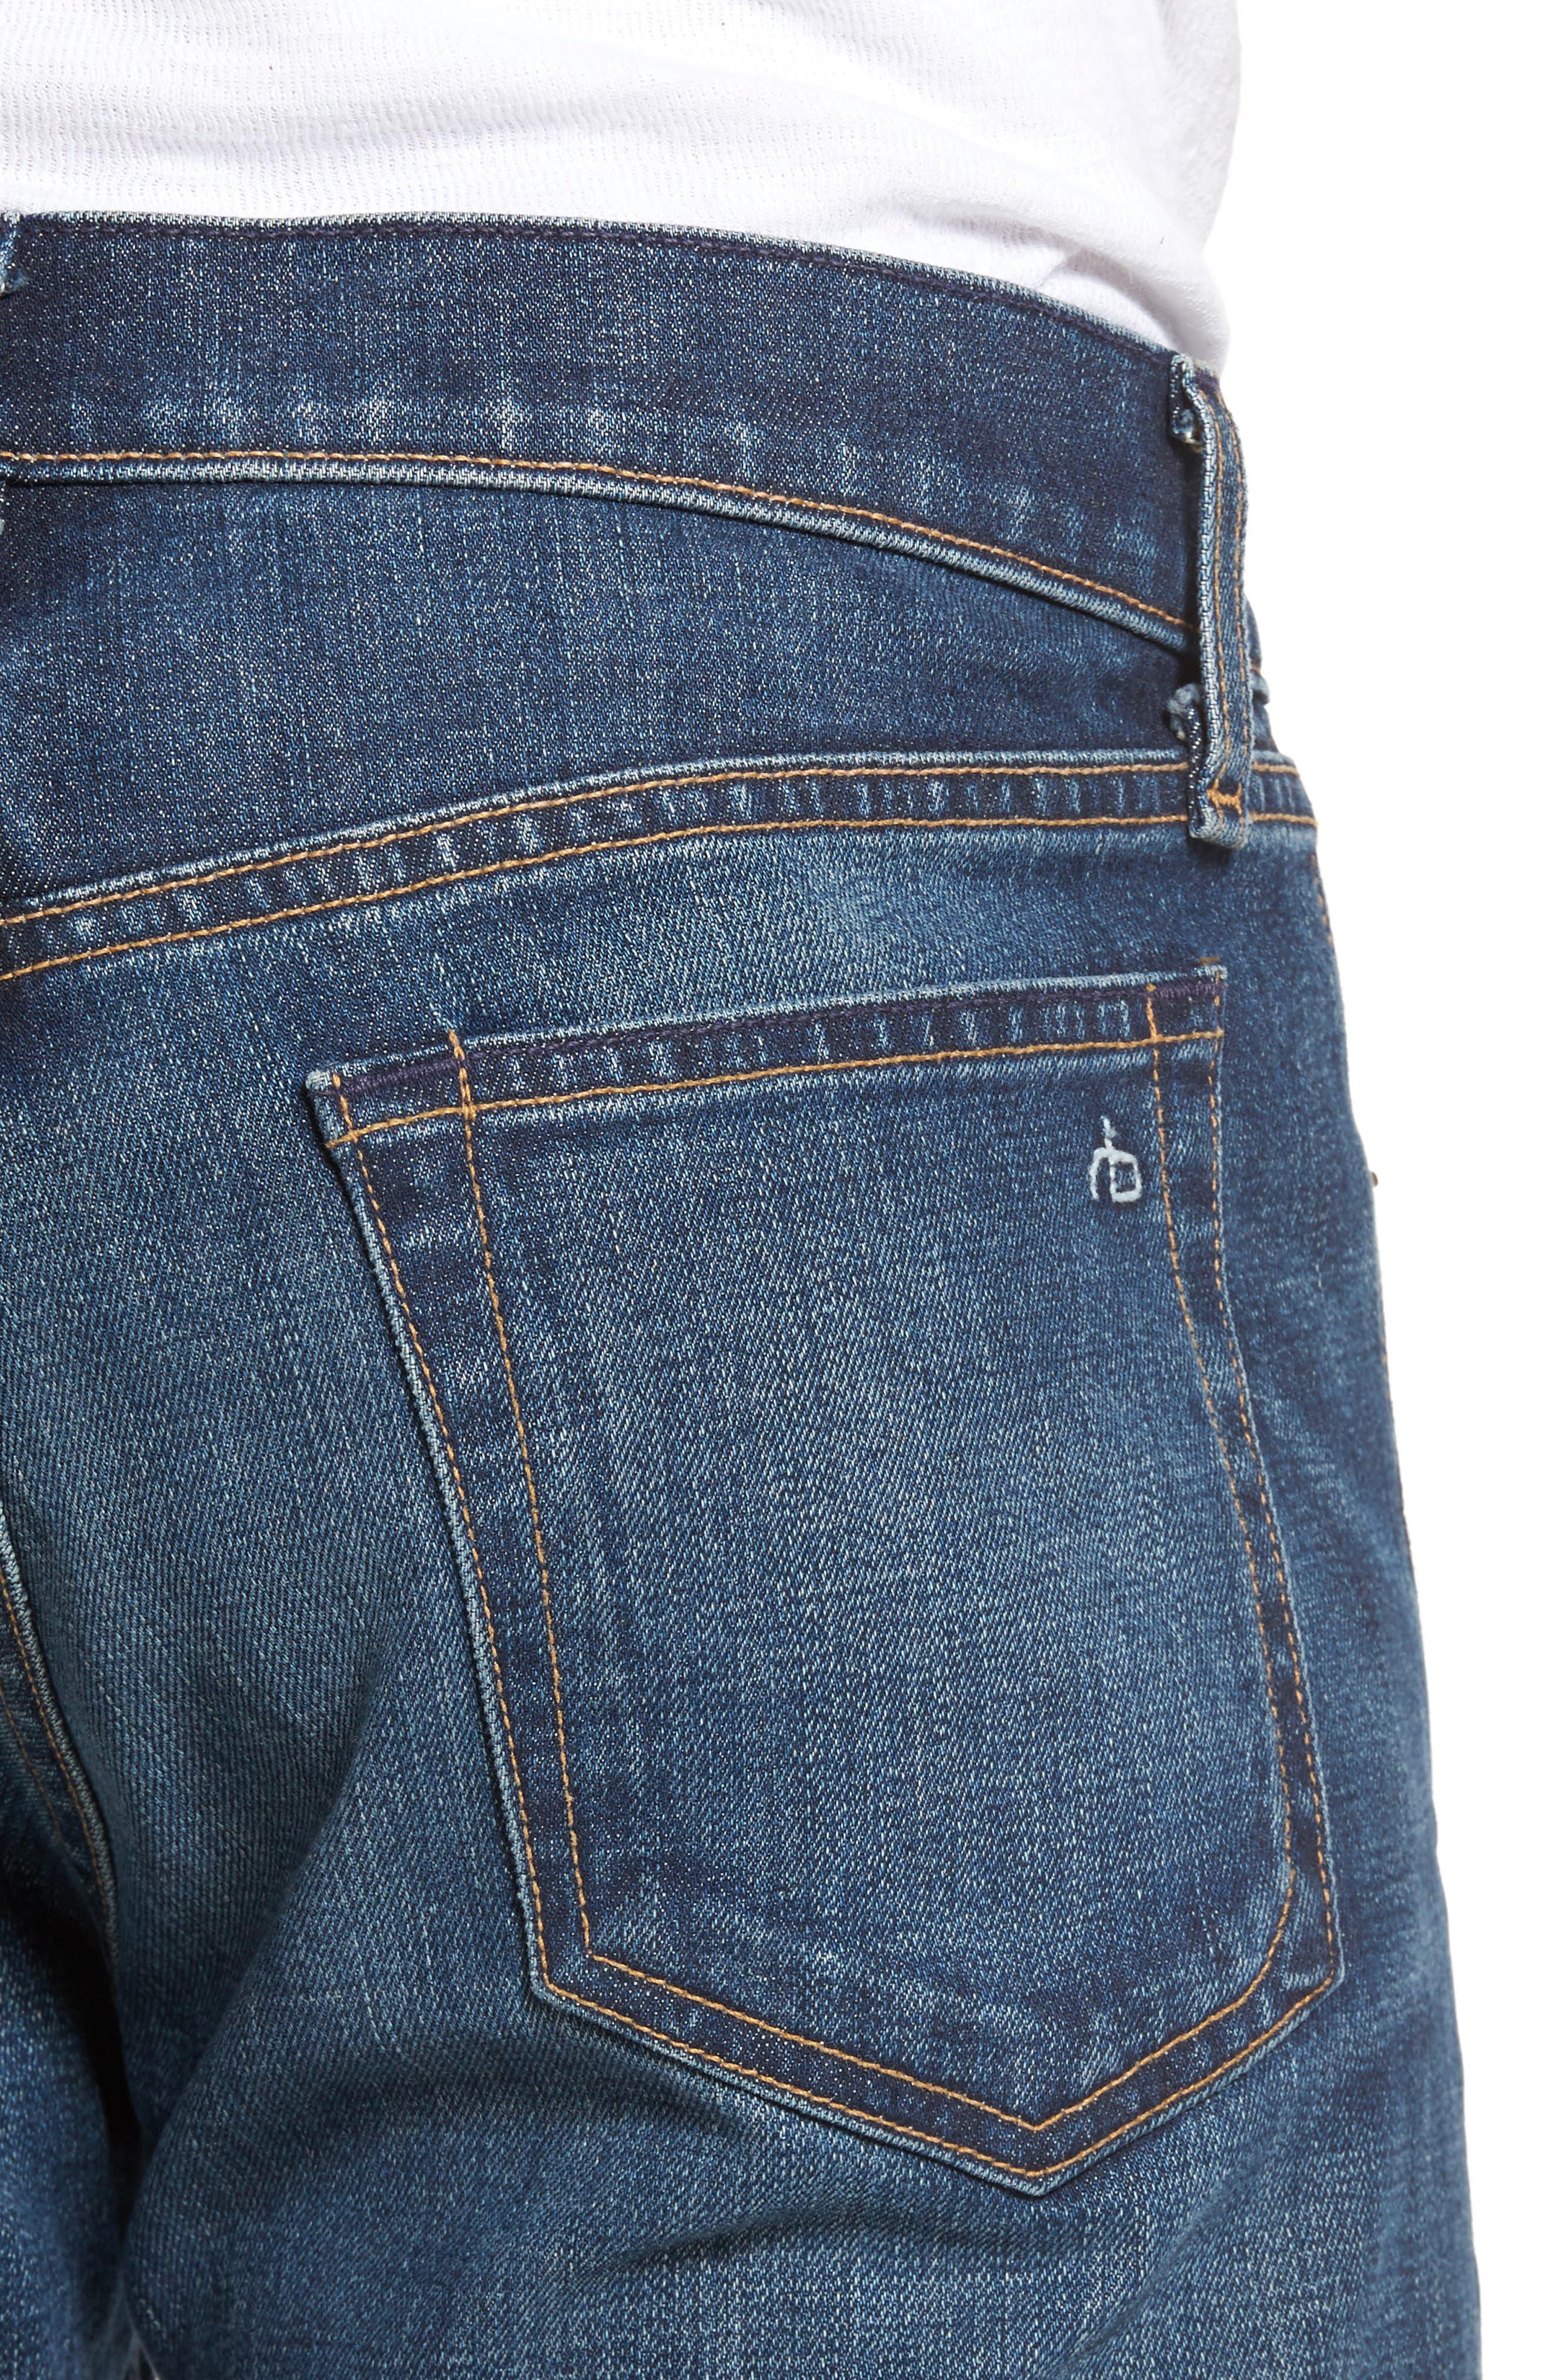 Fit 2 Slim Fit Jeans,                             Alternate thumbnail 4, color,                             Linden